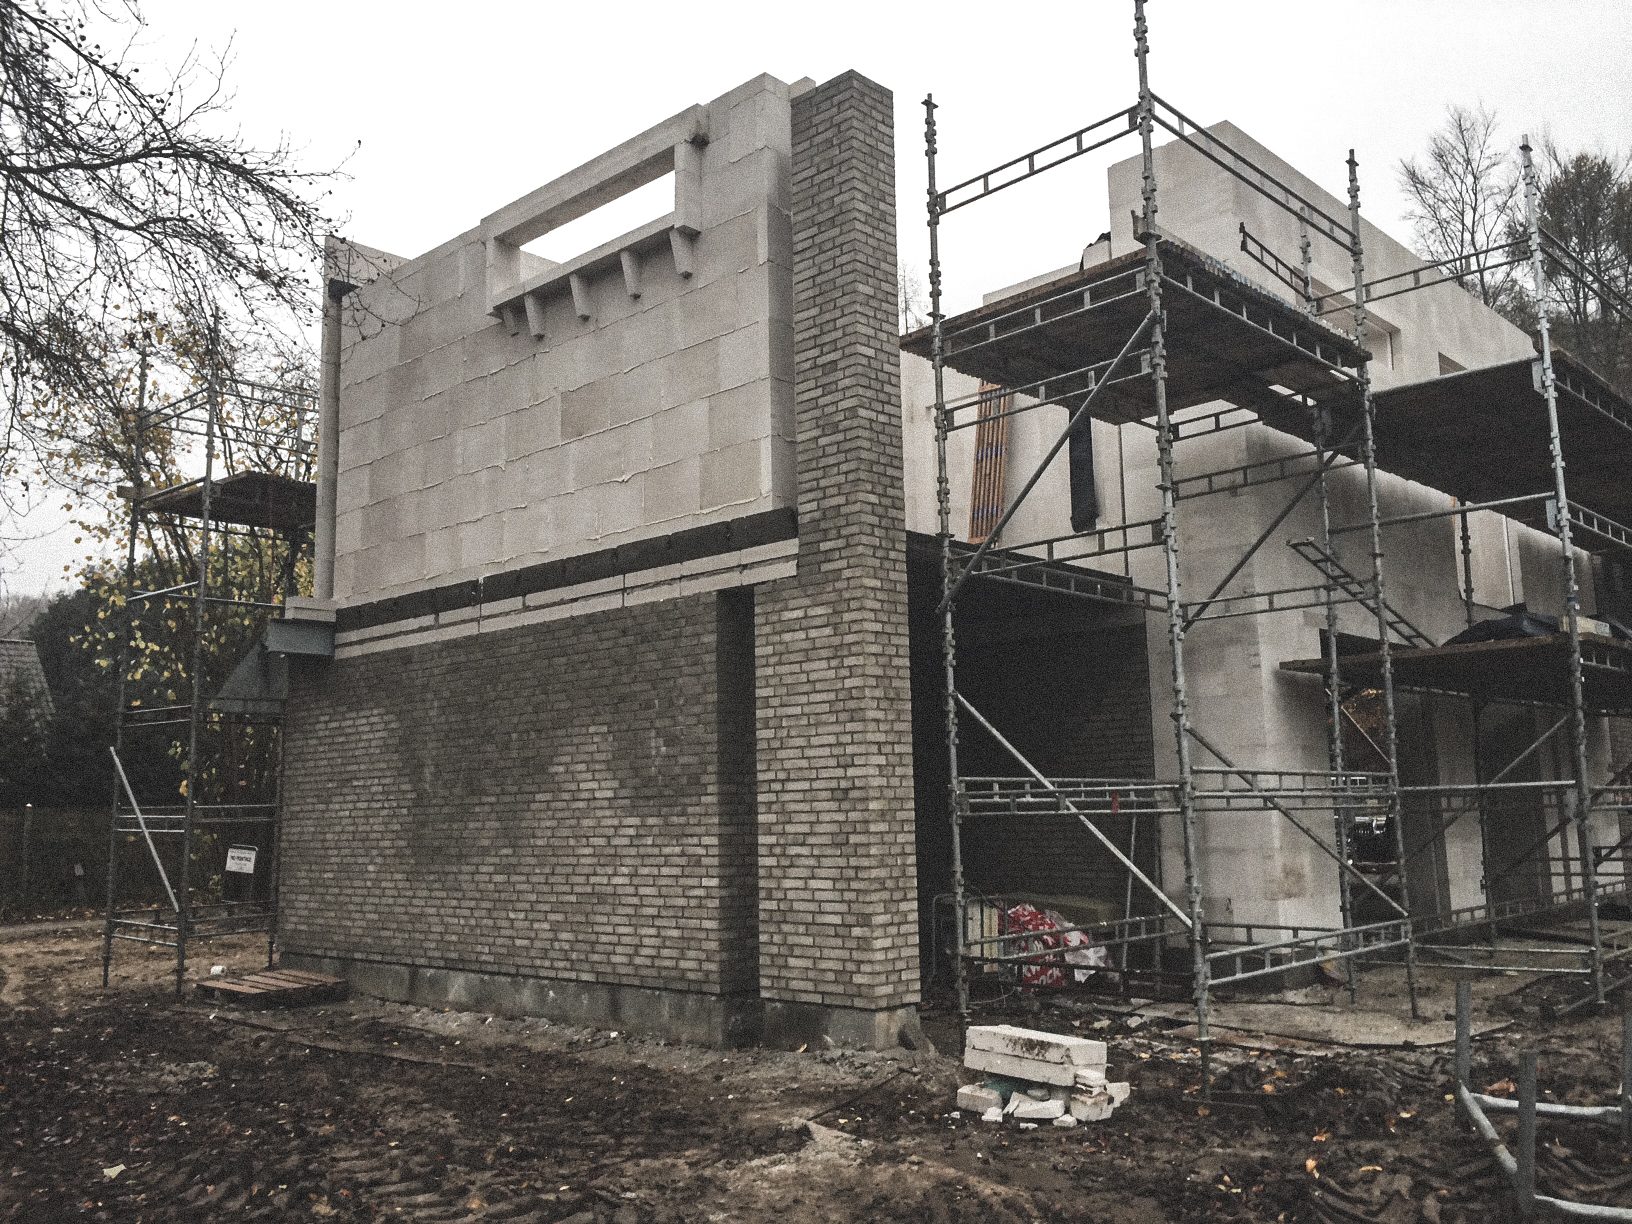 Billede af et igangværende byggeri i Holte, tegnet af arkitektfirmaet m2plus.